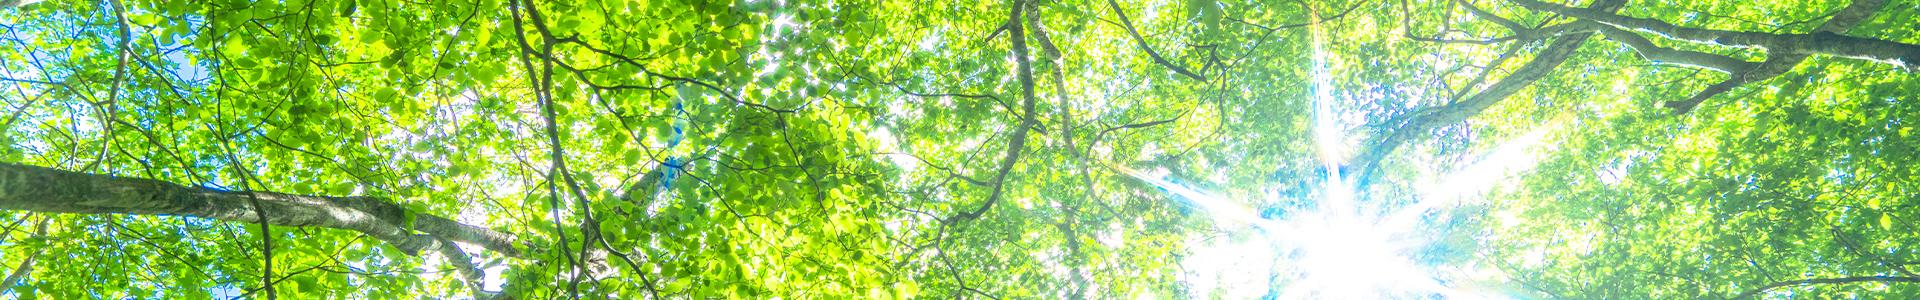 写真:自然イメージ